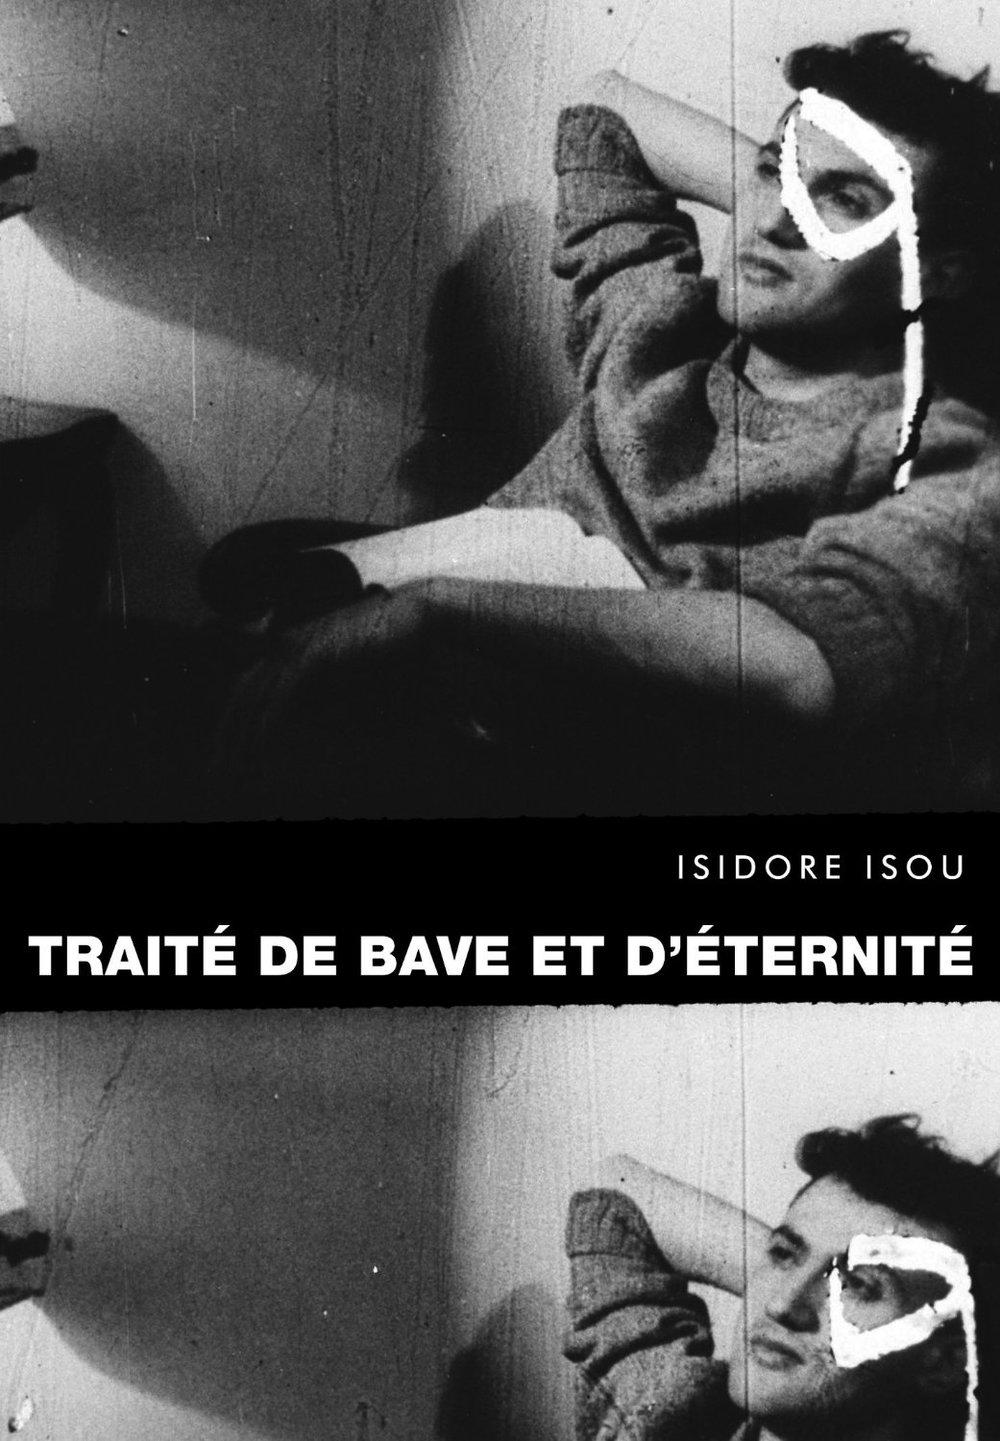 TRAITÉ+DE+BAVE+ET+D'ETERNITÉ+cover-2.jpg